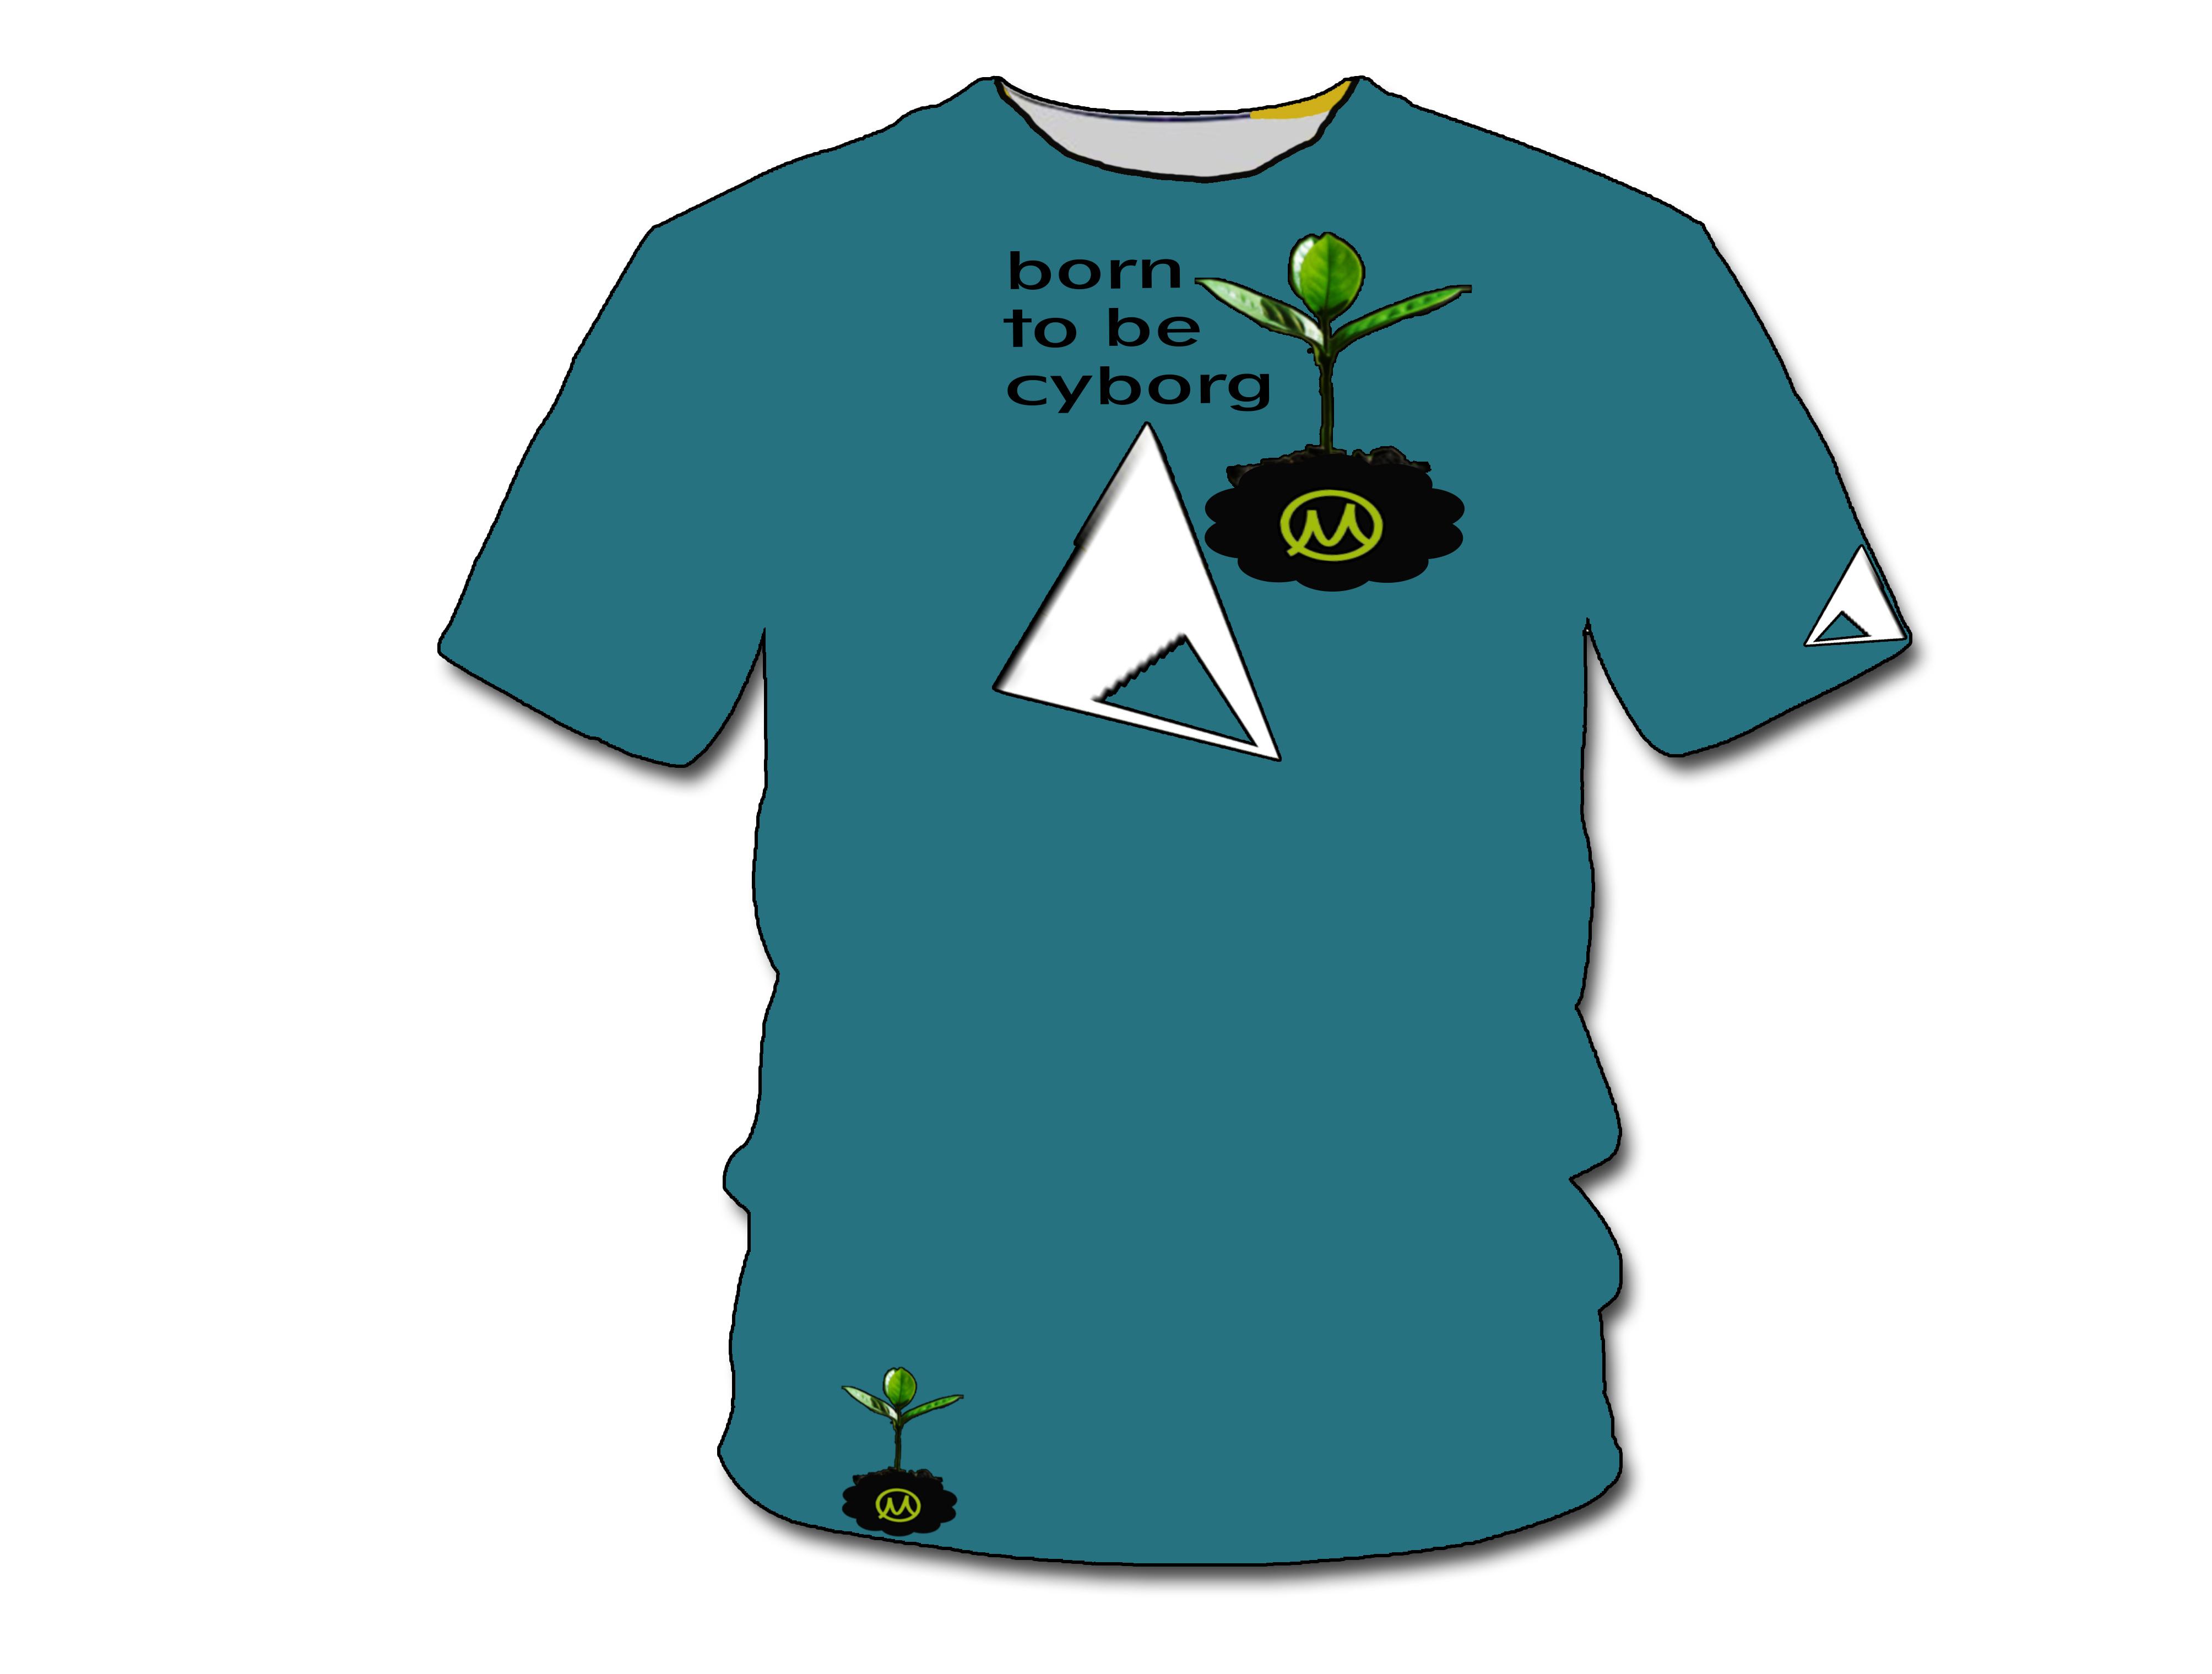 Нарисовать принты на футболки для компании Моторика фото f_56260a536836188d.jpg